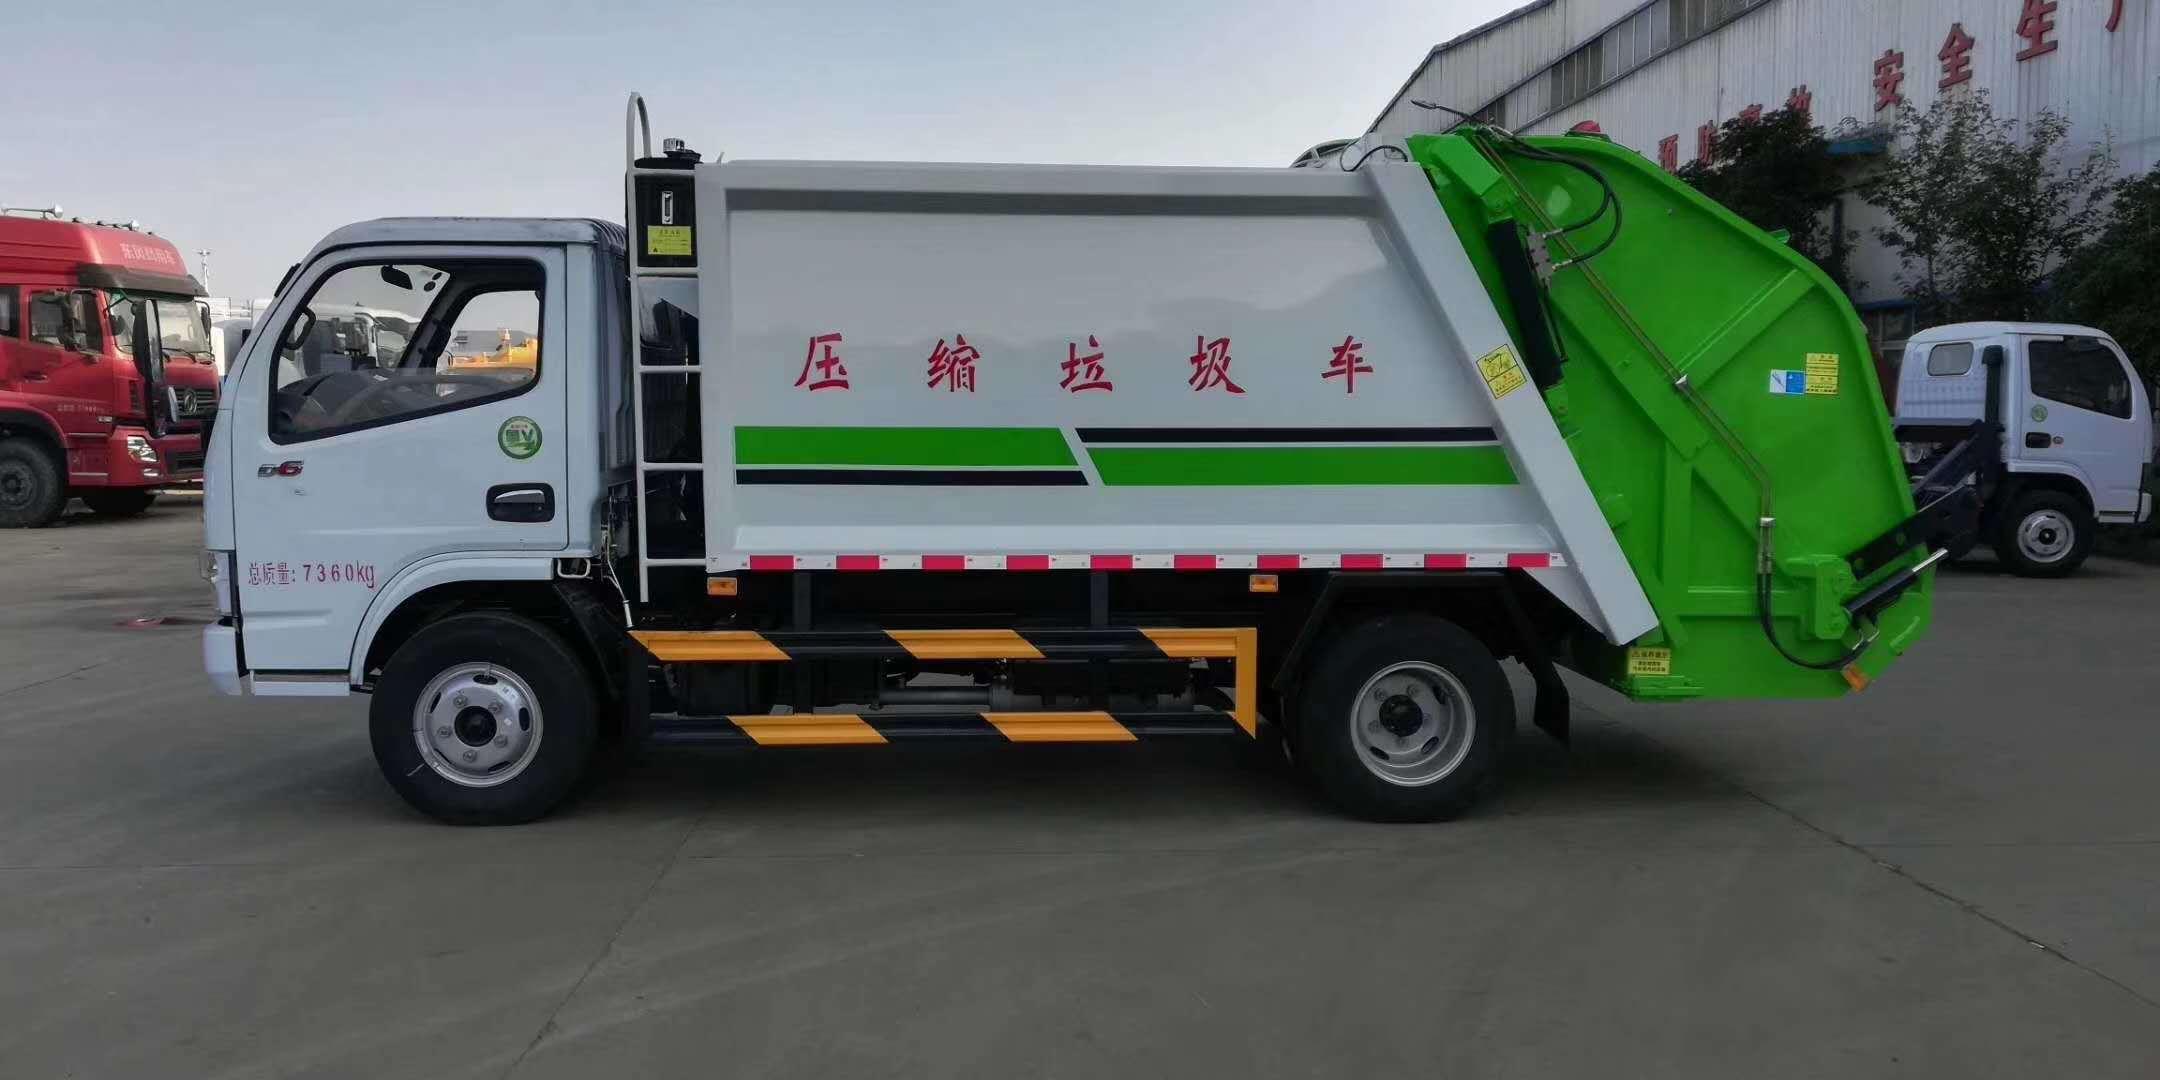 壓縮式垃圾車由密封式垃圾廂、液壓系統、操作系統組成。整車為全密封型,自行壓縮、自行傾倒、壓縮過程中的污水全部進入污水廂,